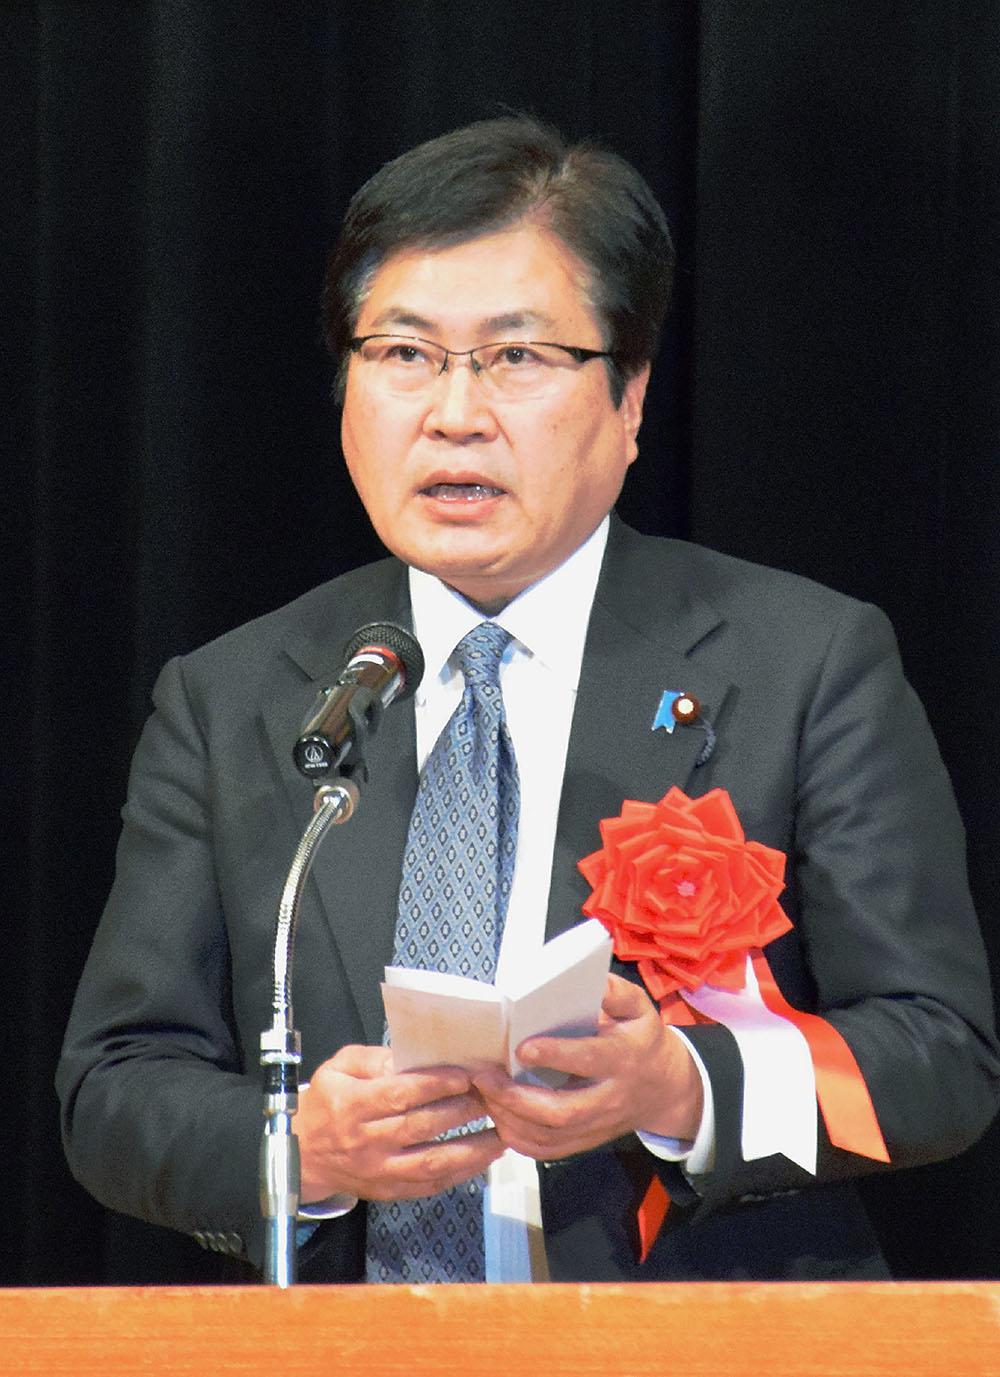 Japon: démission d'un responsable politique après une blague douteuse